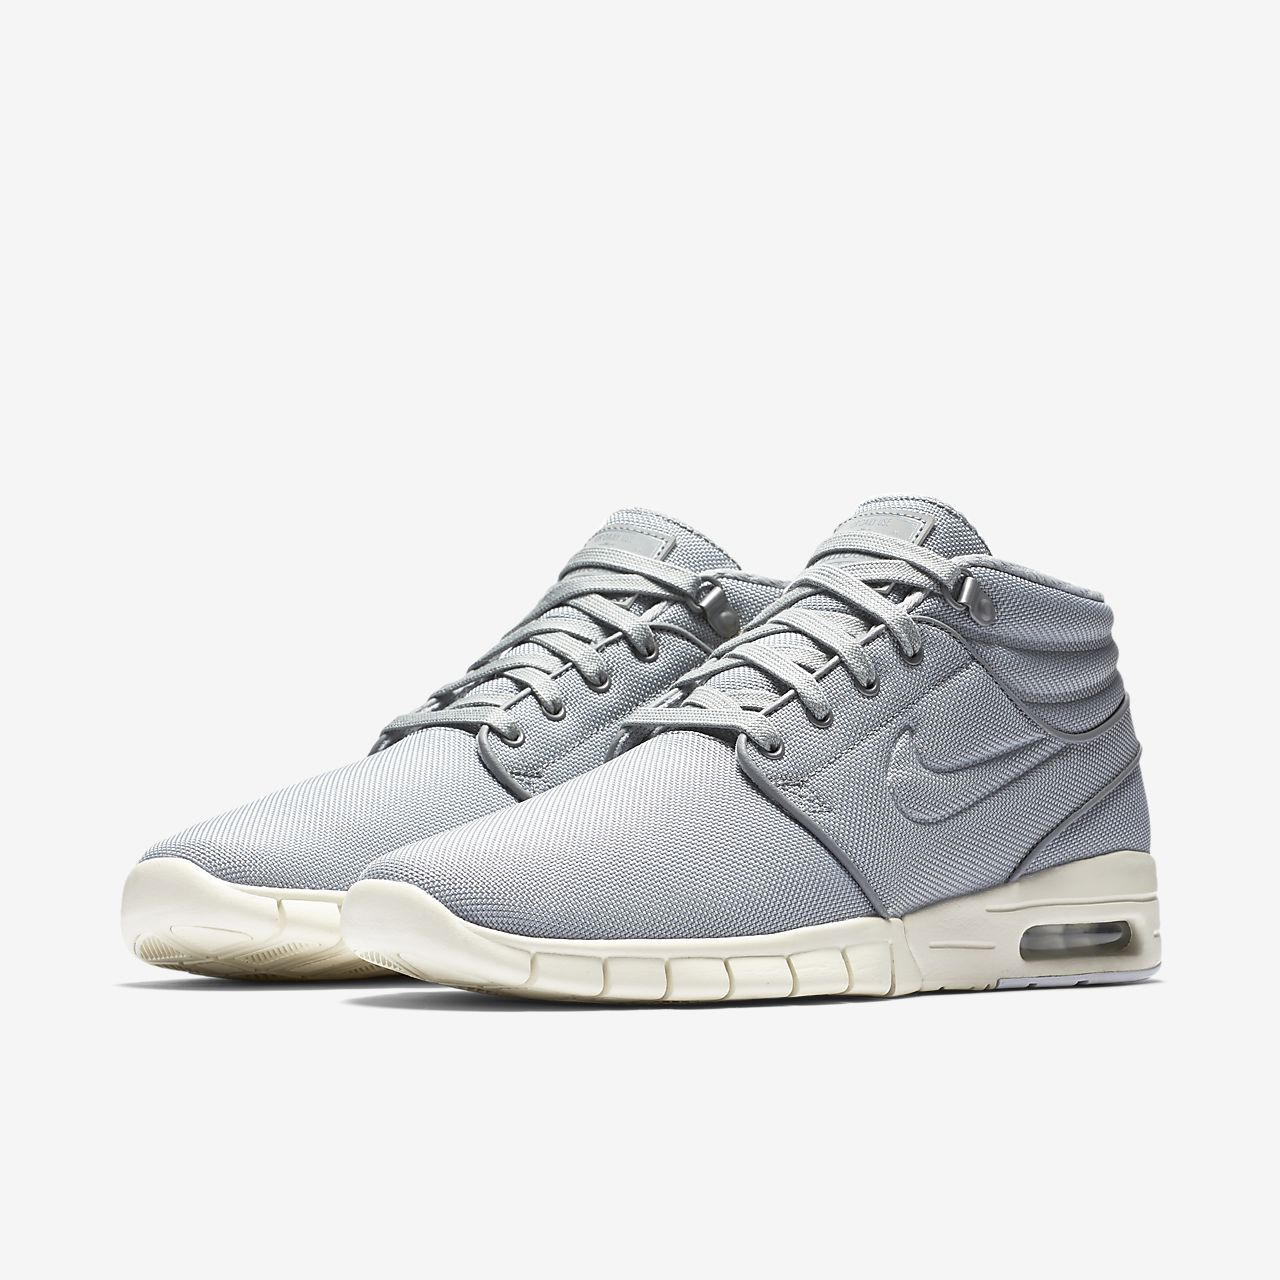 Nike Sb Stefan Janoski Mi-santé Des Hommes vente magasin d'usine réductions faible frais d'expédition Livraison gratuite Finishline magasin de destockage fyRtaPP